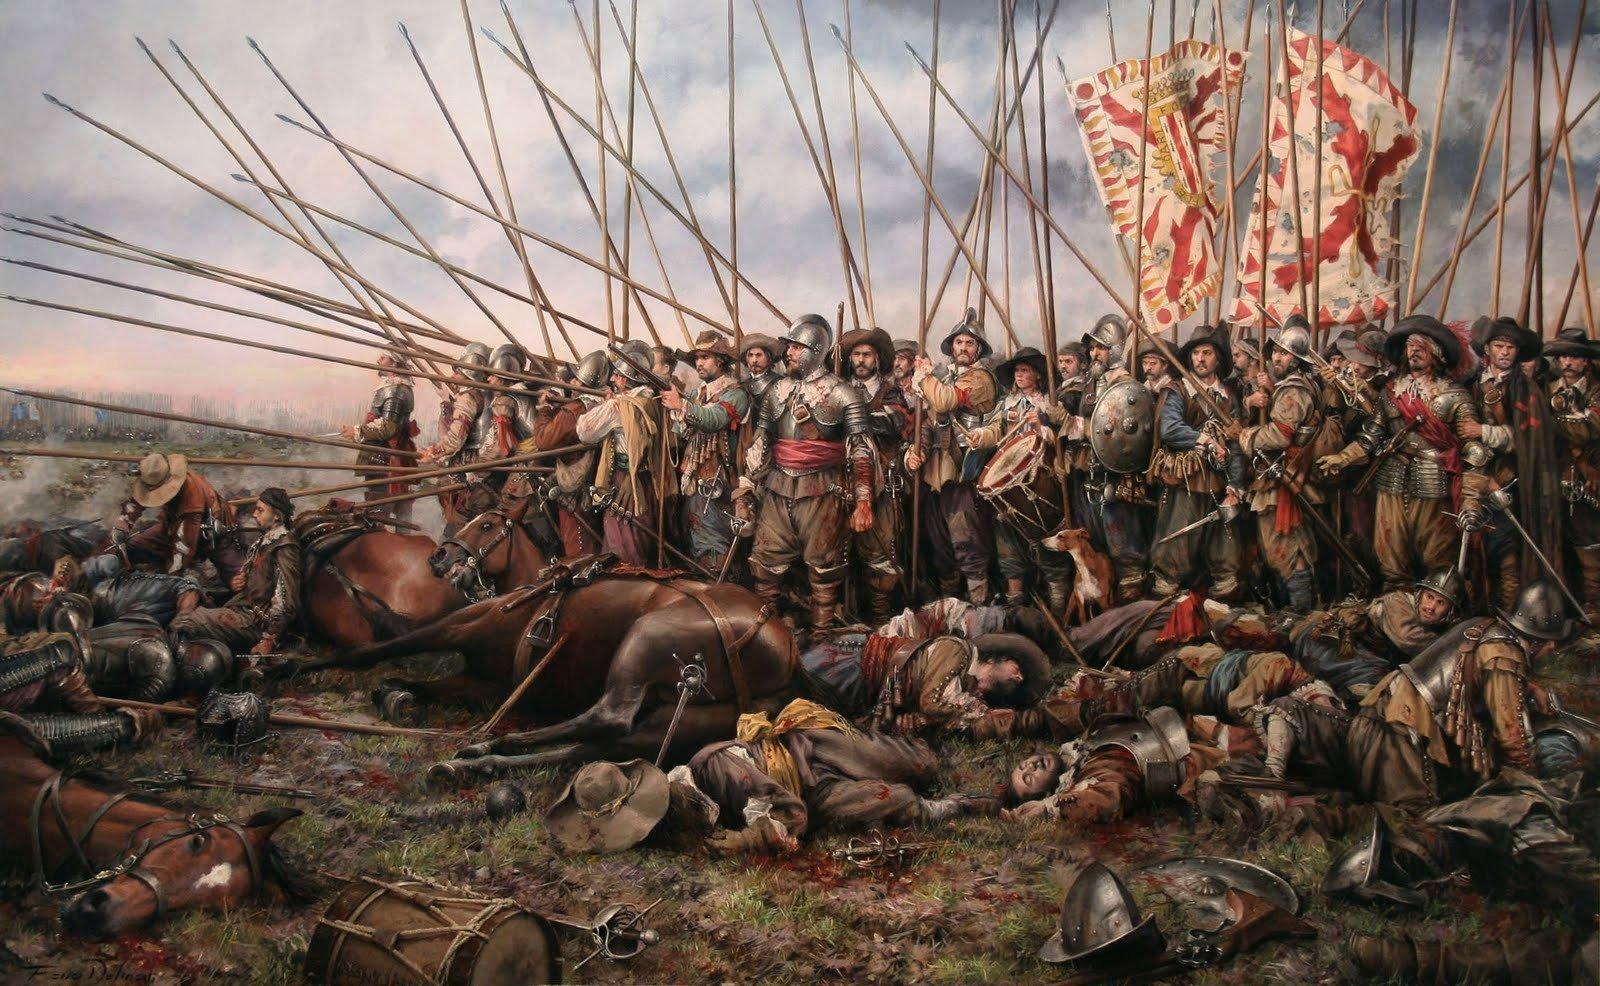 Капитан Алатристе: Последний честный рыцарь Испании - Изображение 11